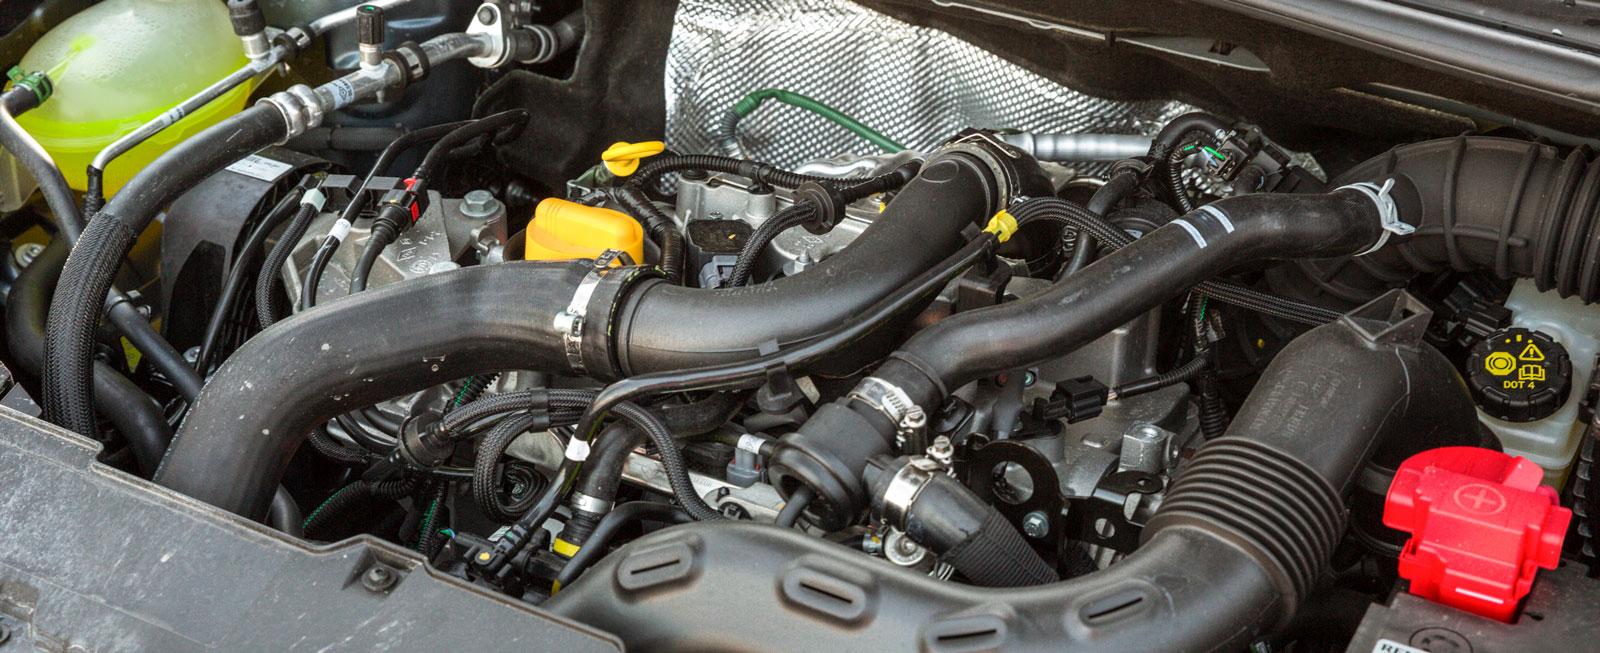 Karaktären i Renaults trecylindriga motor är snarlik den i C3, med undantag för att turboladdning dels ger bättre drag, dels något bättre ljuddämpning vid fullgas. En kul maskin, men med testets största törst.